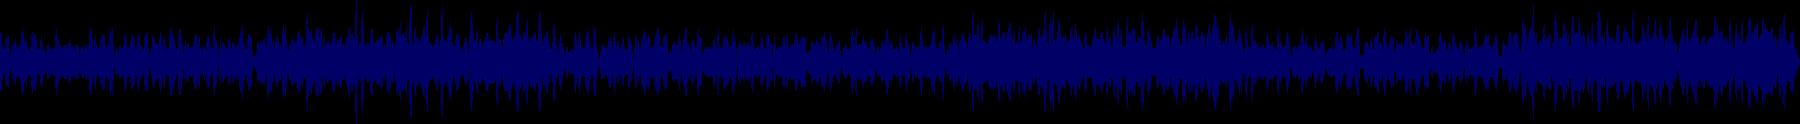 waveform of track #70763